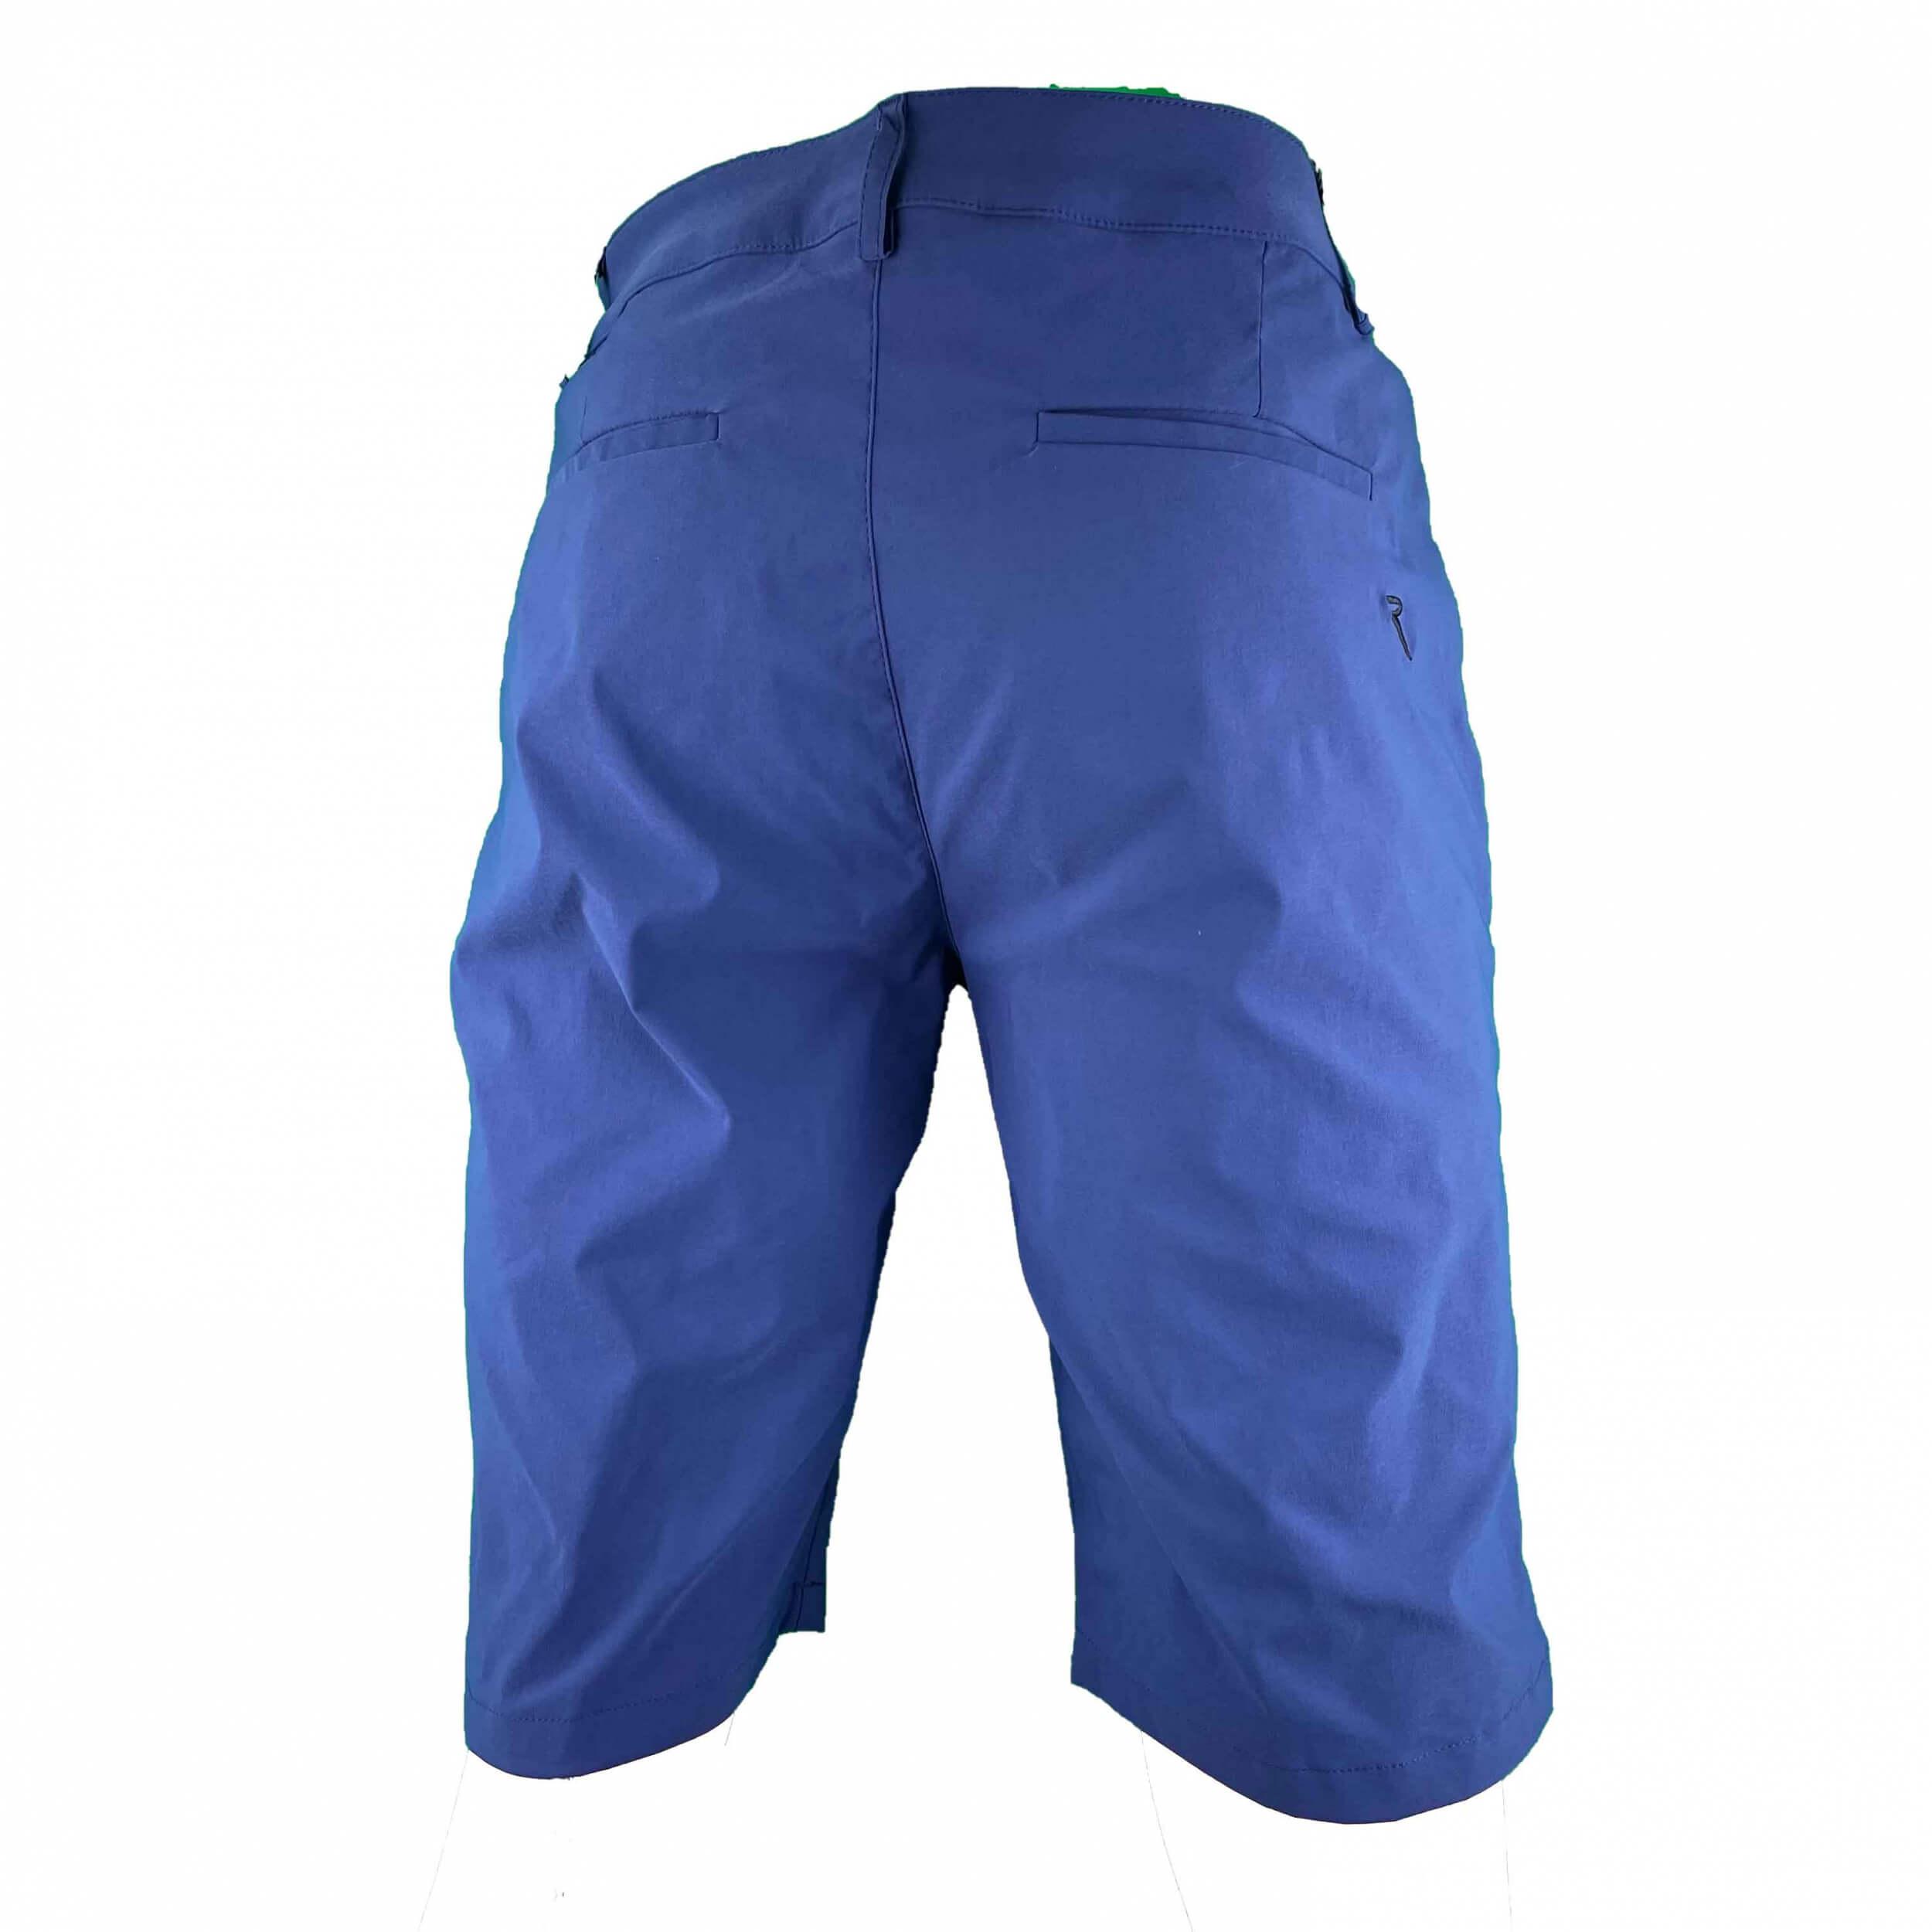 Chervo Herren Short Giando DRY MATIC blau 567